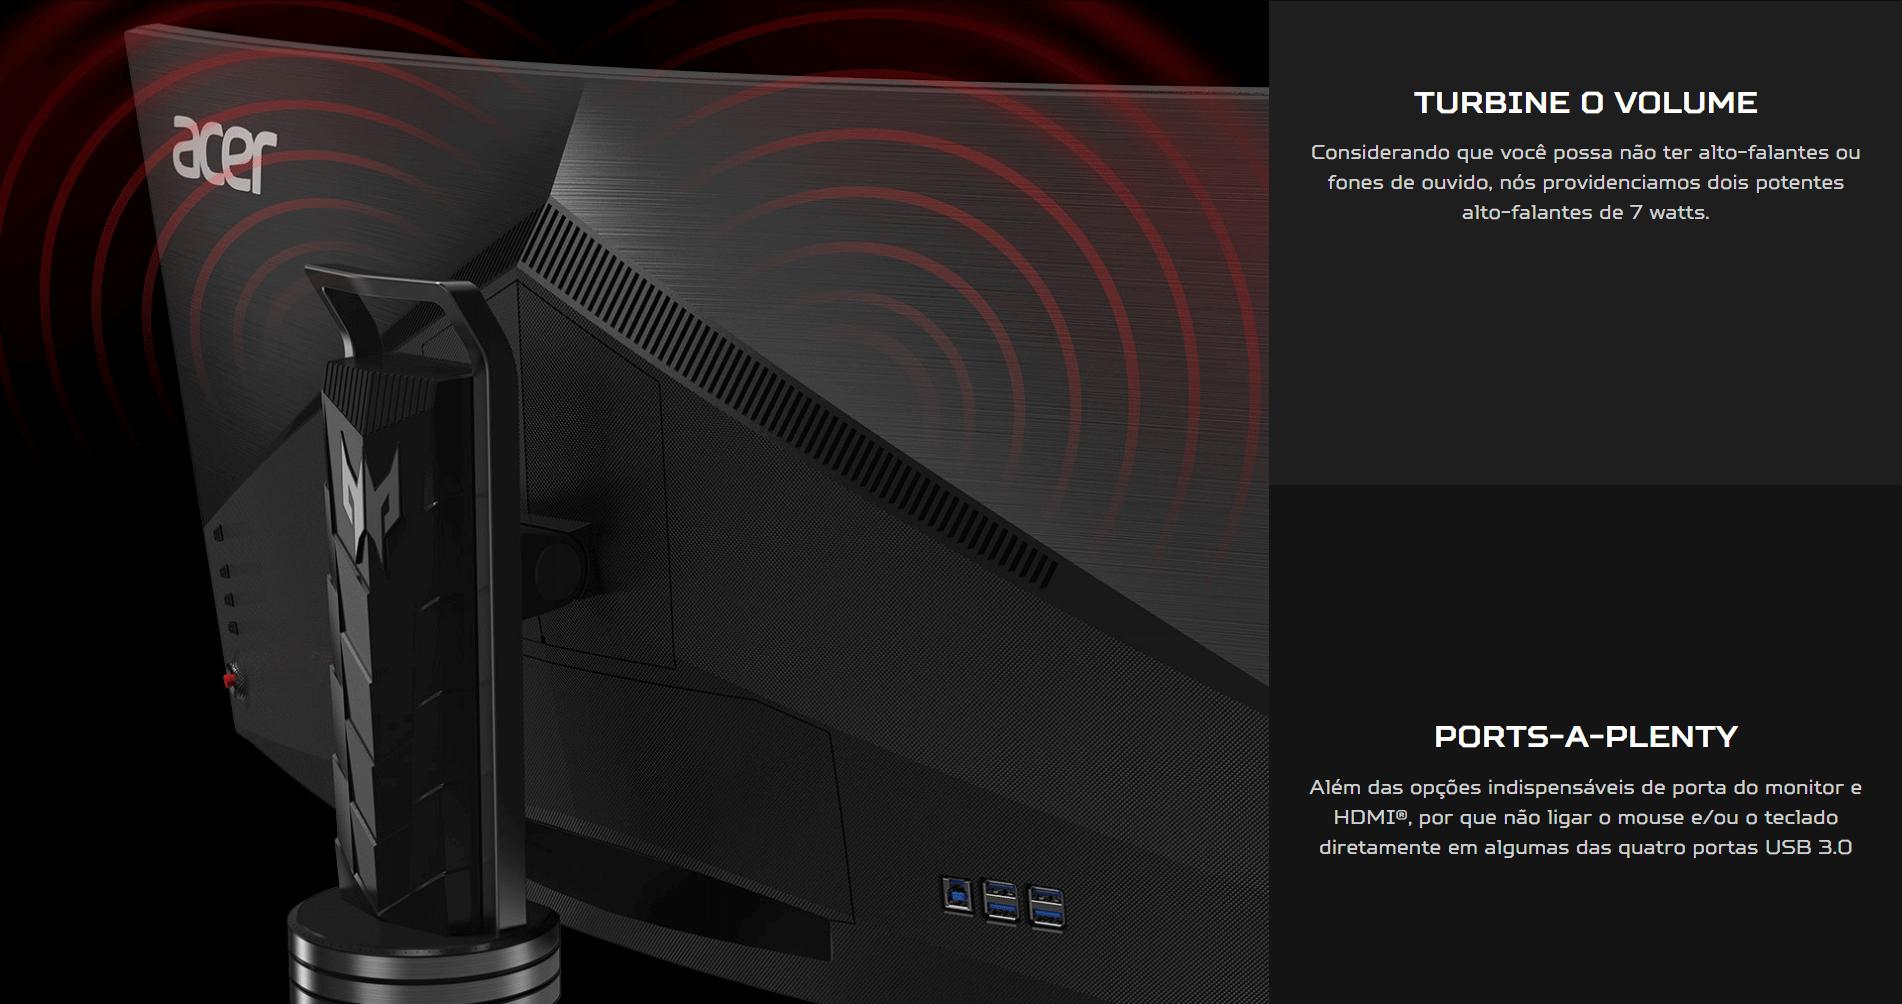 Conheça Acer Predator X34, o monitor ultrawide com G-SYNC